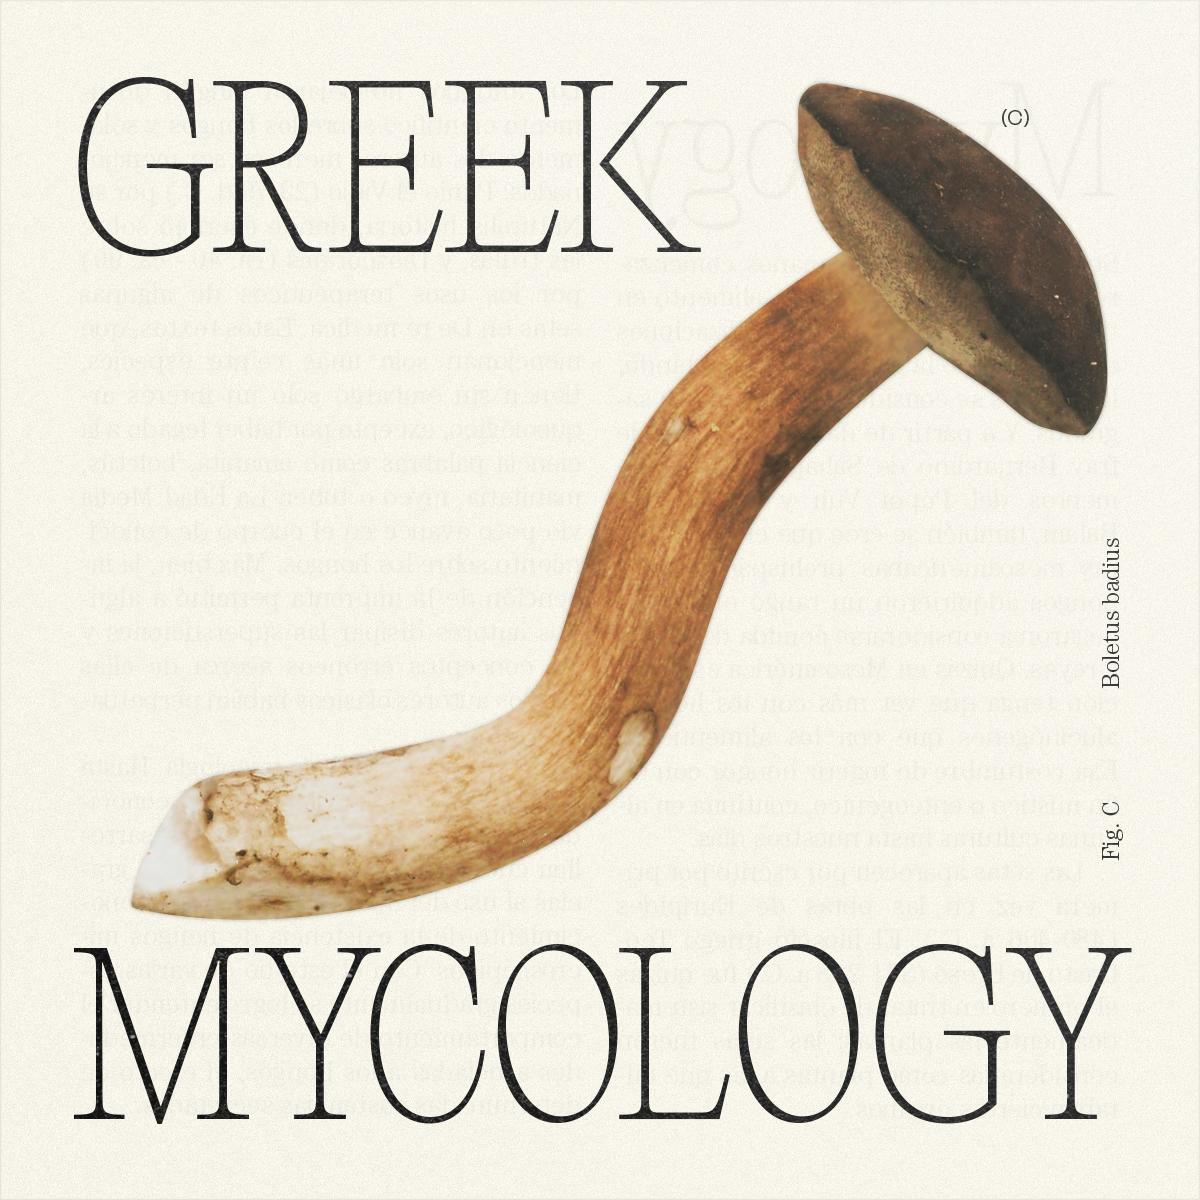 GreekMycology_Idea_MateoBuitrago-04